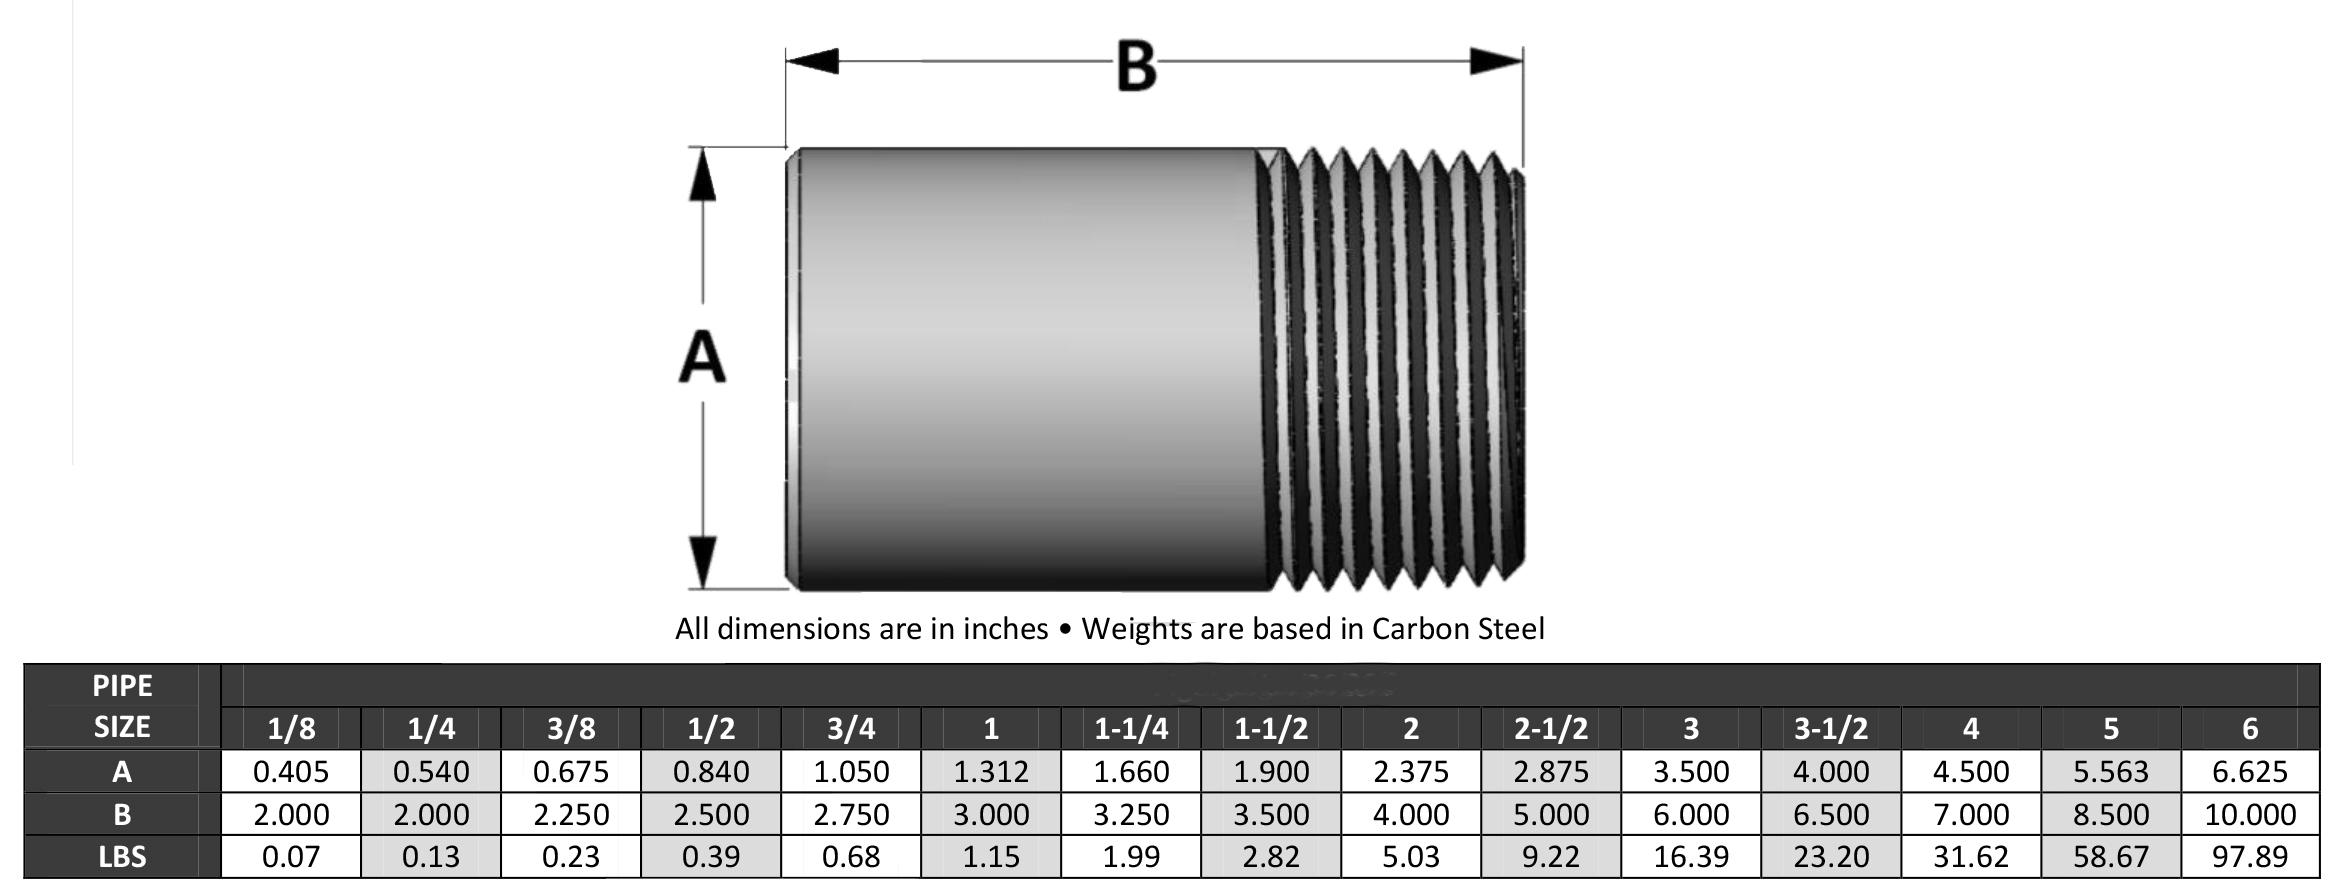 ASME B16.11 Bull Plug Dimensions